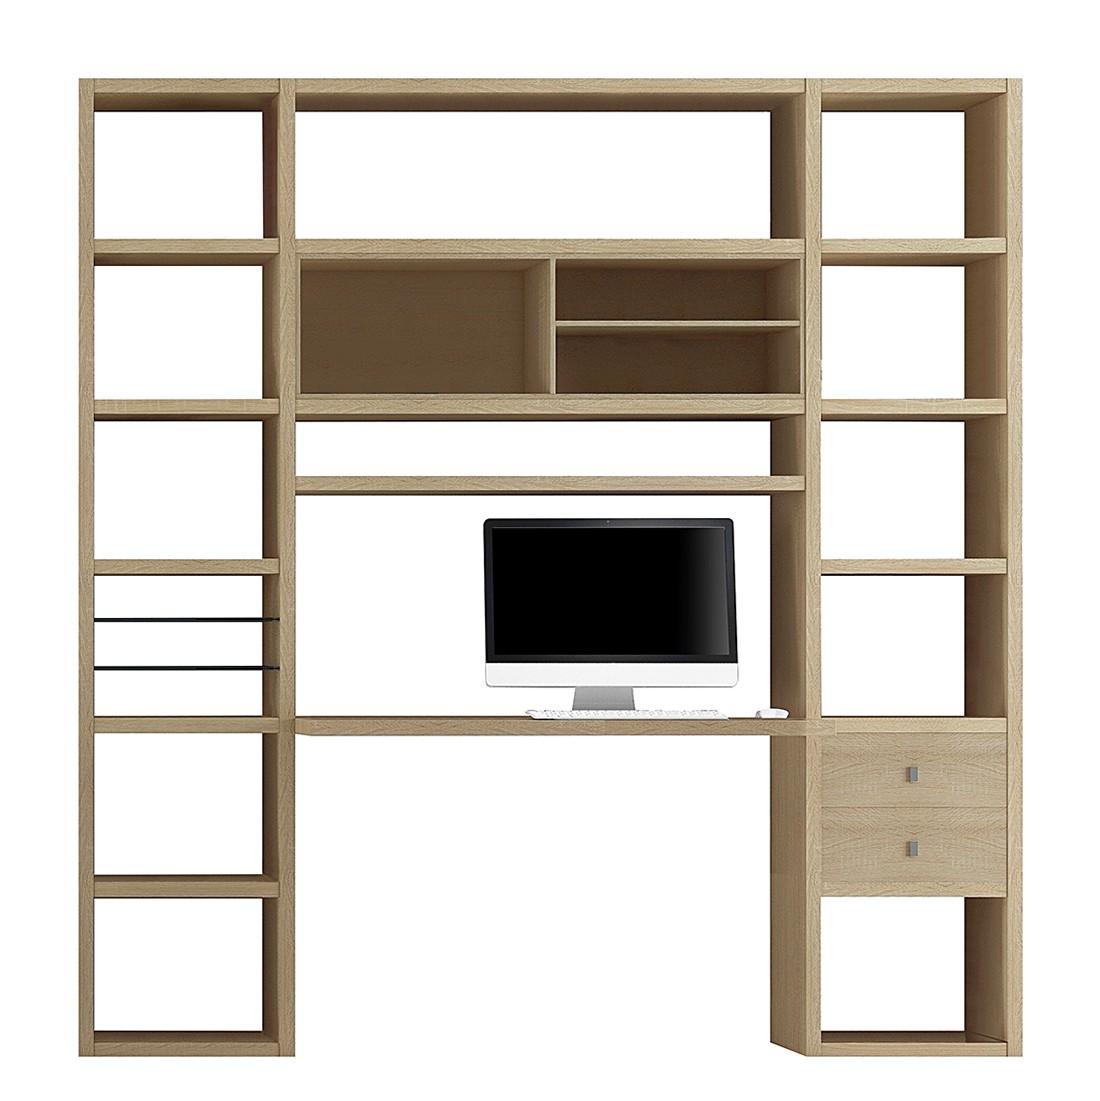 fredriks wohnw nde online kaufen m bel suchmaschine. Black Bedroom Furniture Sets. Home Design Ideas